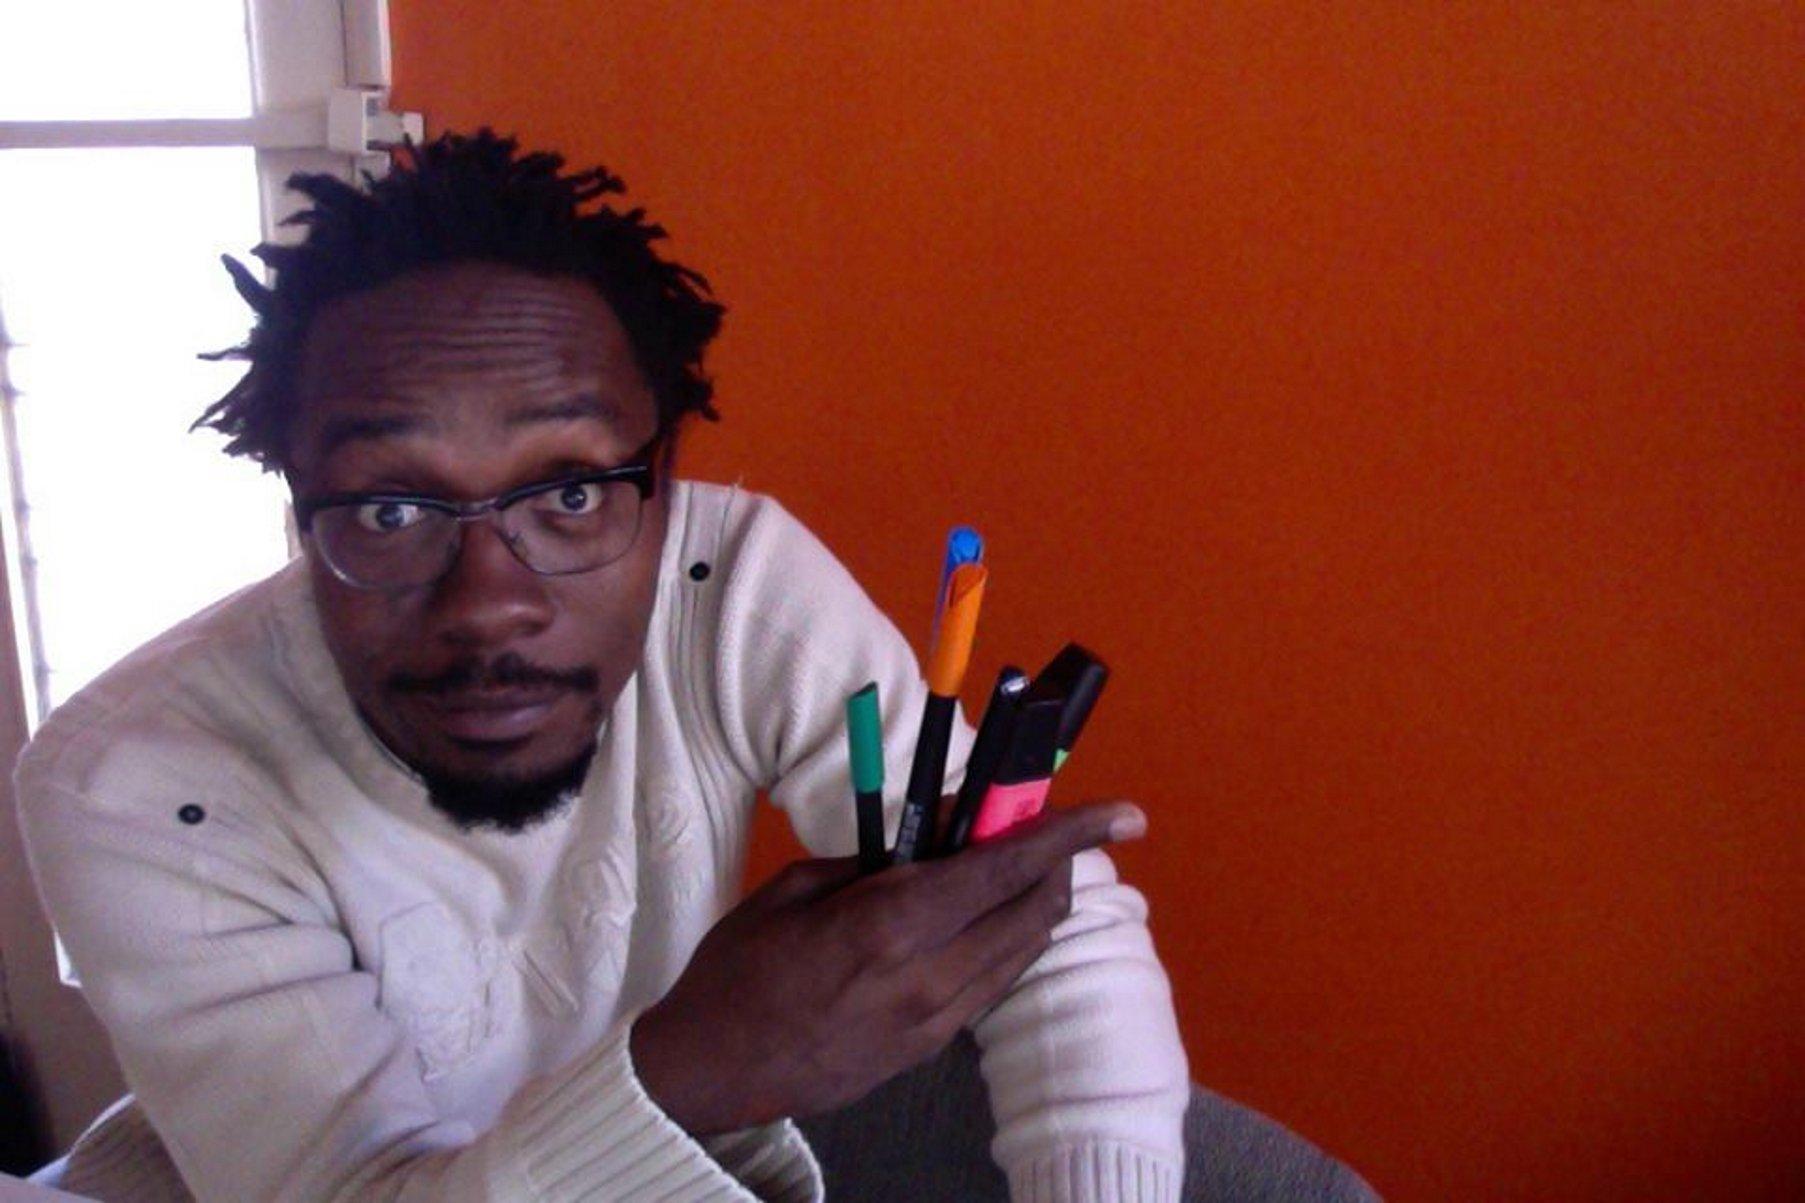 En llibertat el dibuixant guineà casat amb una ontinyentina El Periòdic d'Ontinyent - Noticies a Ontinyent